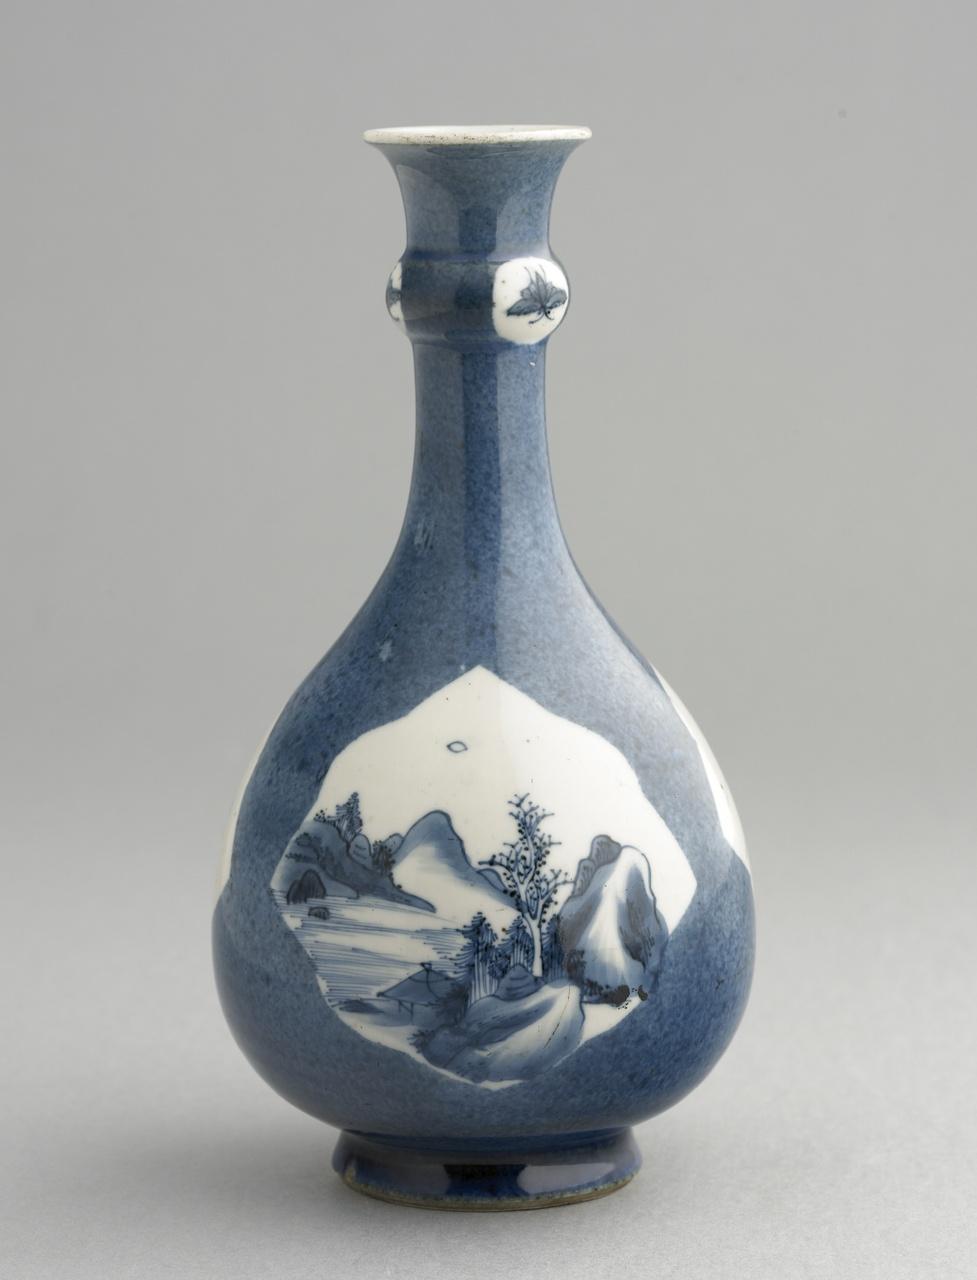 Peervormige powder blue fles met decoratie in onderglazuur blauw